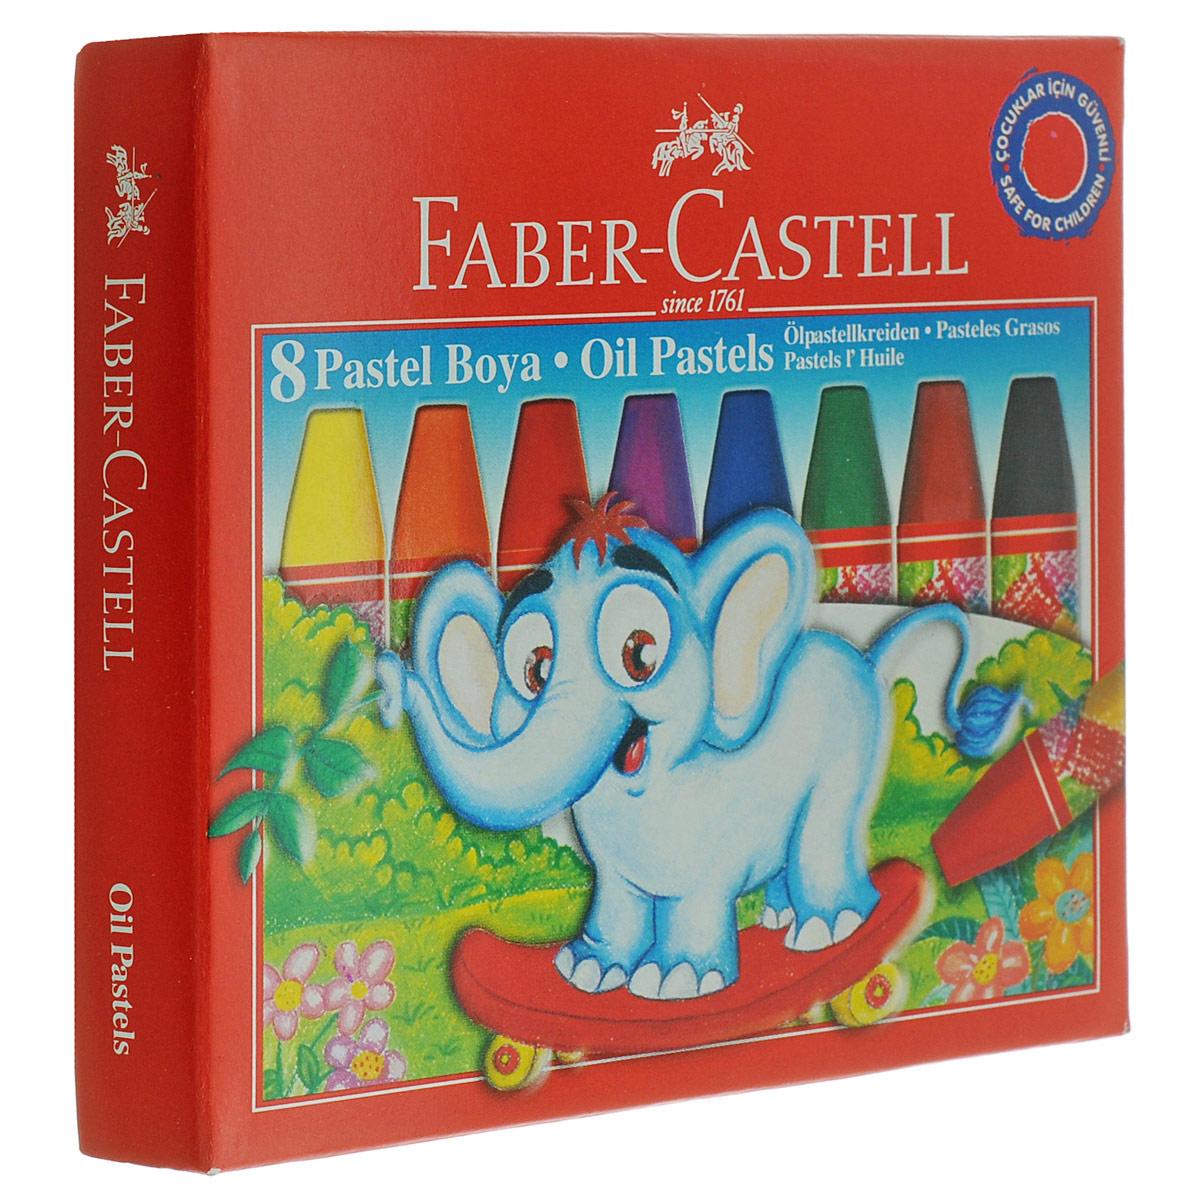 Масляная пастель Faber-Castell, 8 цветовLF806309Масляная пастель Faber-Castell включает в себя 8 мелков насыщенных цветов - желтого, оранжевого, красного, фиолетового, синего, зеленого, коричневого и черного.Пастель отличается высоким качеством и впечатляюще яркими цветами. Она обеспечит комфортное и мягкое рисования. Благодаря однородной консистенции пастель не крошится. Превосходно ложится на бумагу, картон, дерево и камень, устойчива к температуре. Цвета можно смешивать для получения новых оттенков.Масляная пастель Faber-Castell, безопасная для малыша, позволит вашему маленькому художнику раскрыть свой талант. Подарите своему ребенку радость творчества!